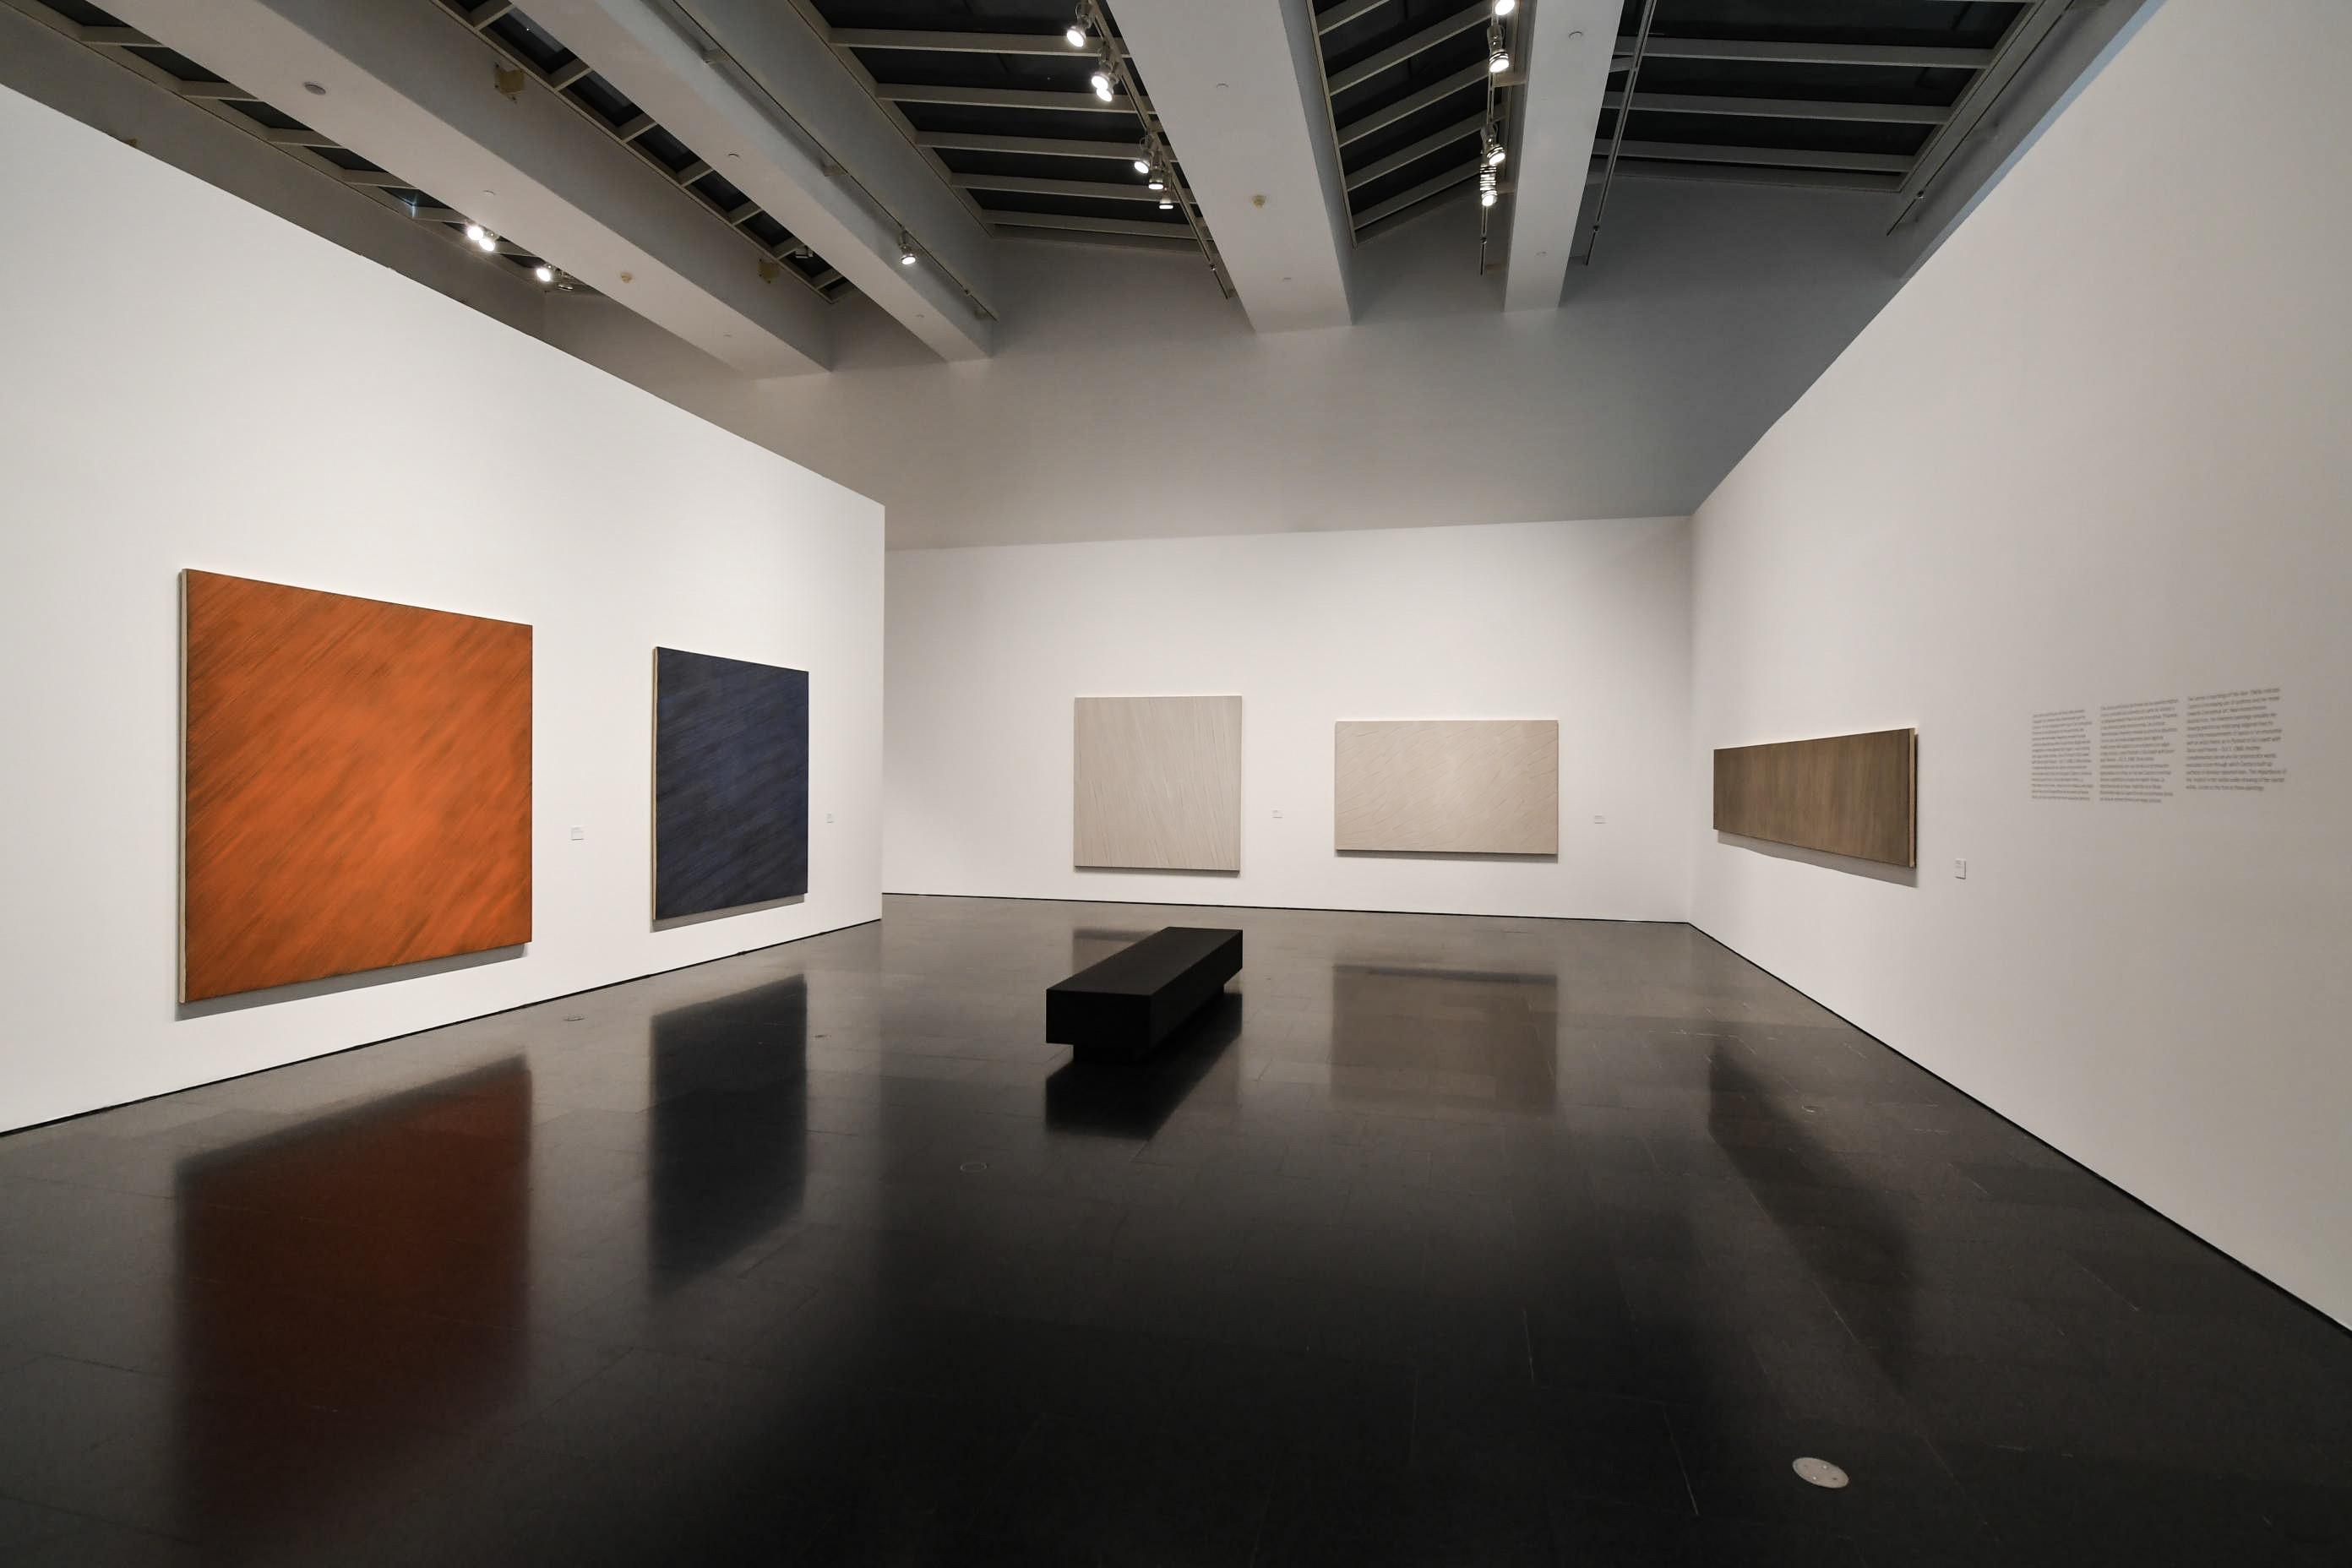 ROSEMARIE CASTORO. FOCUS AT INFINITY. Vista de la exposición. Foto: Miquel Coll.